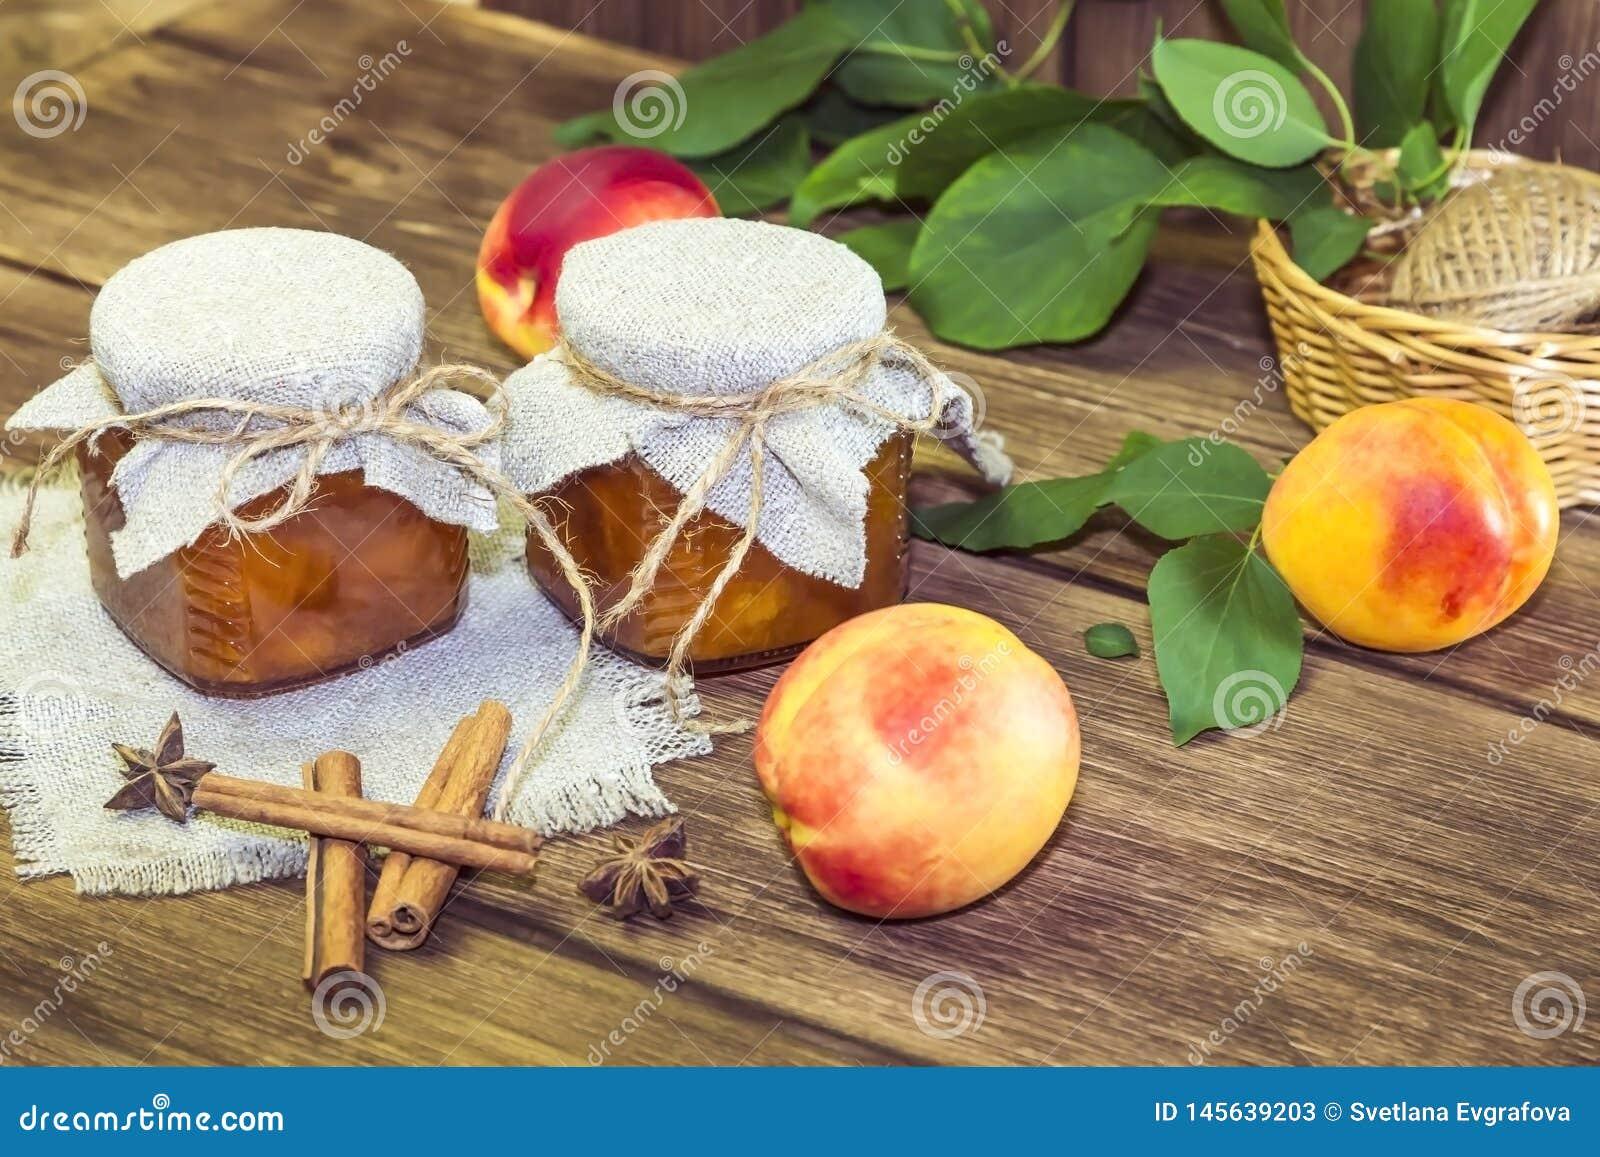 Nahrung, Ernte, Dosenfr?chte Selbst gemachter Stau der würzigen Pfirsichmarmelade in einem Glasgefäß frischem reifem Fruchtzimt a